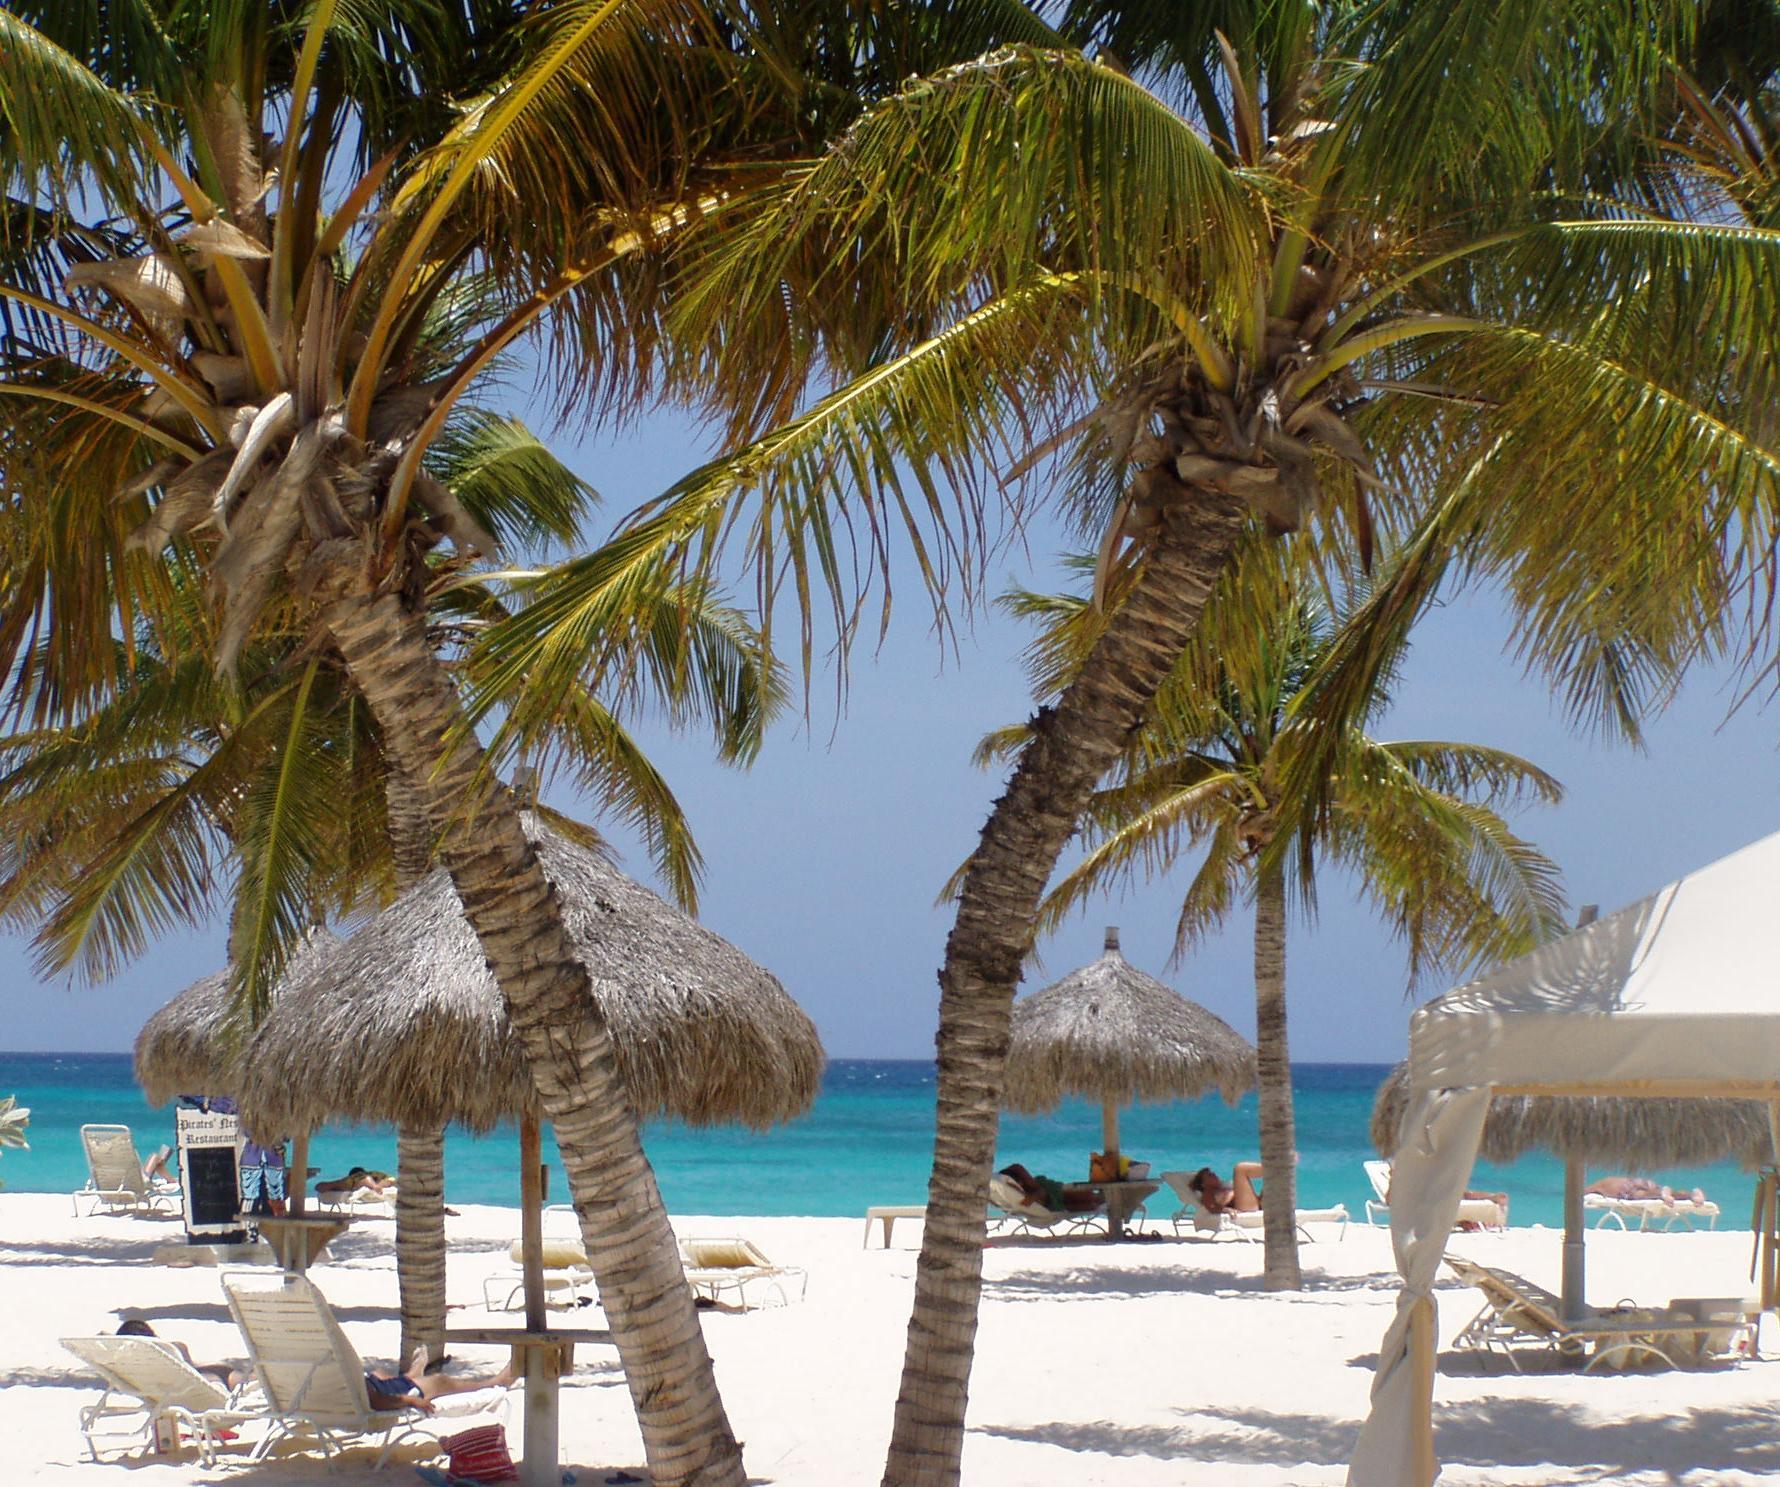 Aruba Christine 0709 Palmer